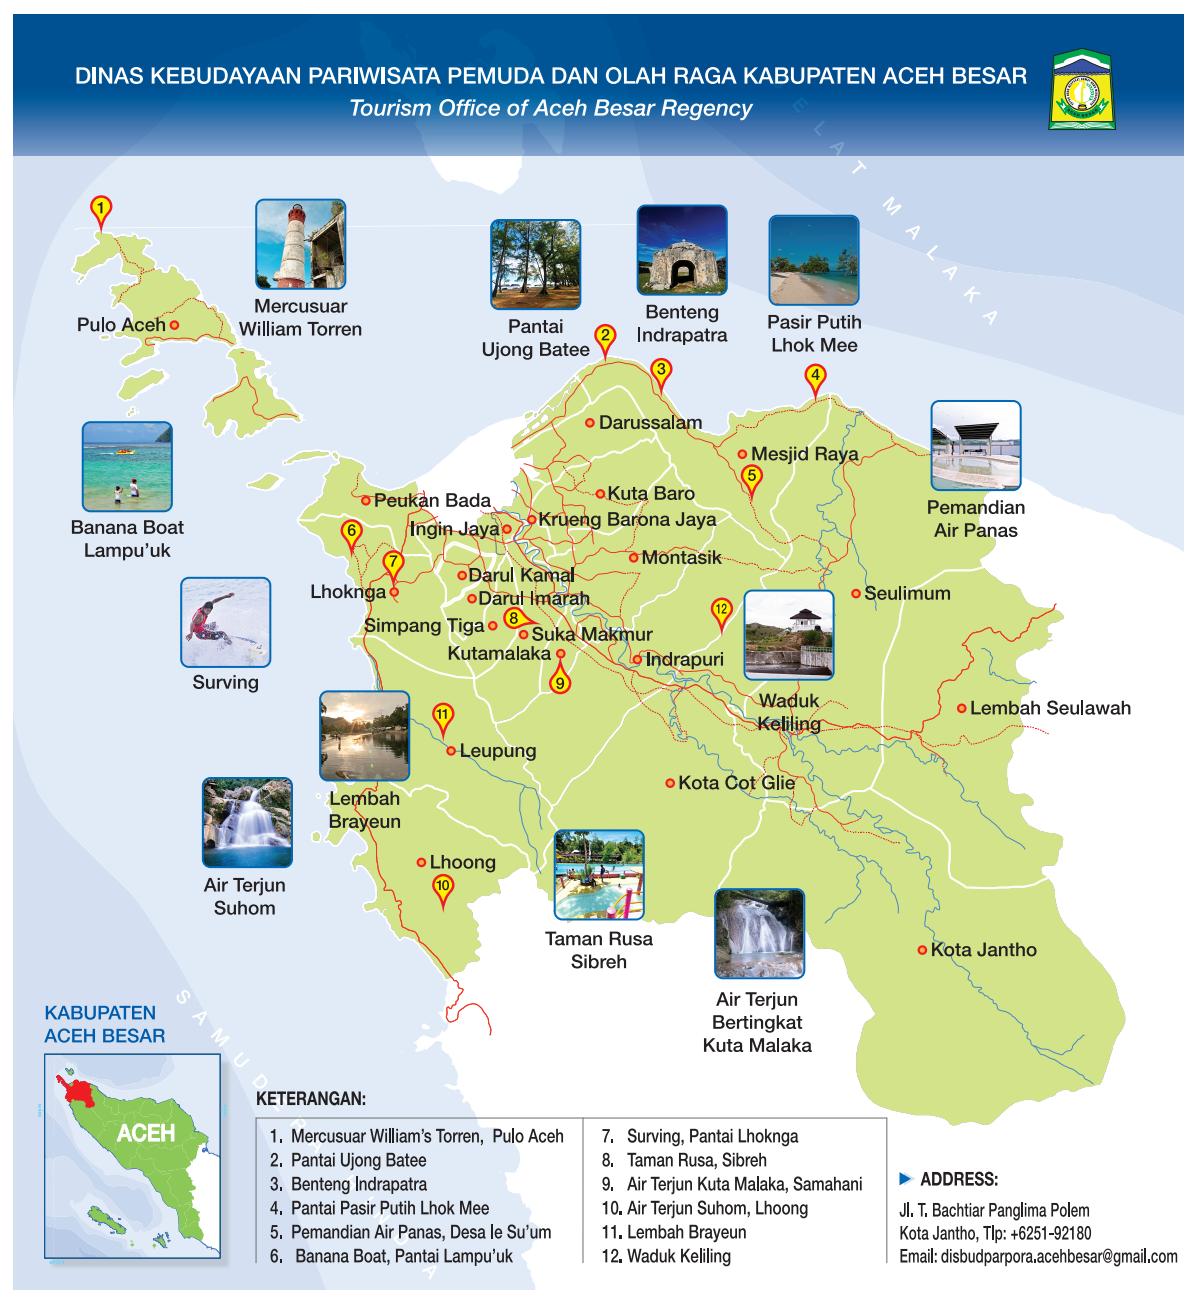 Aceh Besar Pinto Kutaraja Drs Abdurrahman Ahmad Potensi Sumber Daya